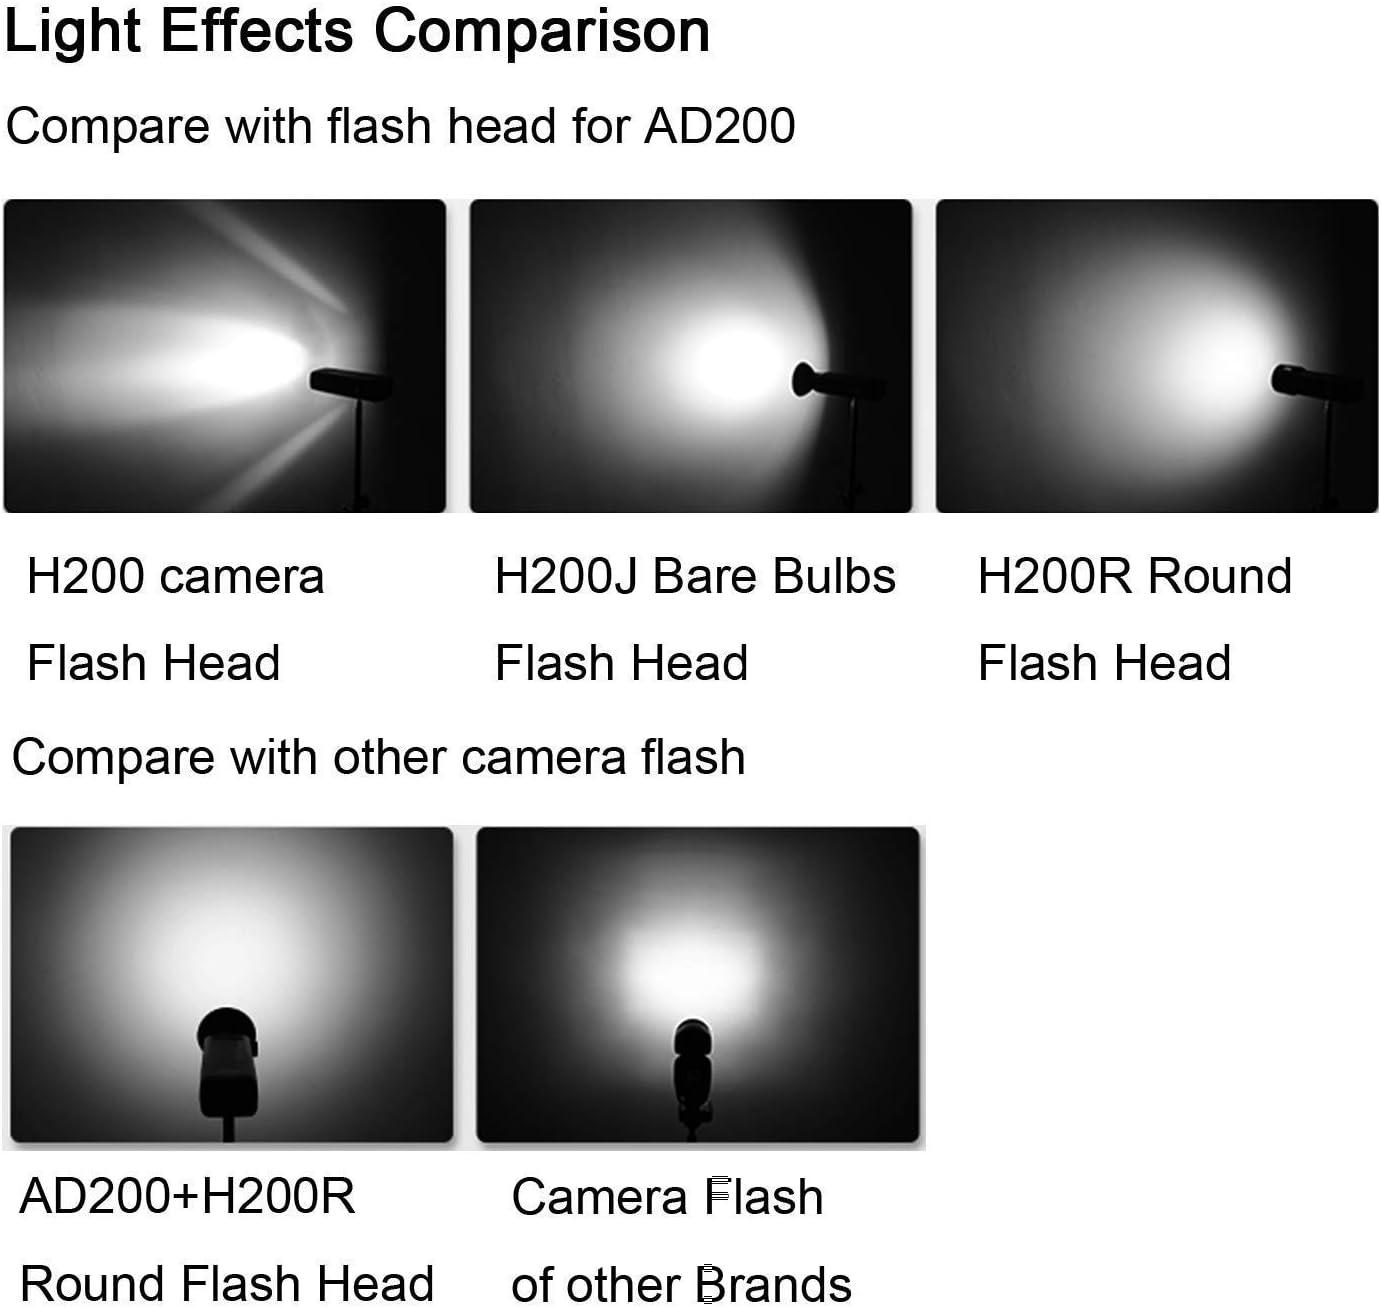 Godox H200R Gold 200W Flash Super Power et effets de lumi/è re naturelle pour Godox AD200 Flash de poche et portable effets de lumi/è re douce et douce pour prendre effets de lumière douce et douce pour prendre